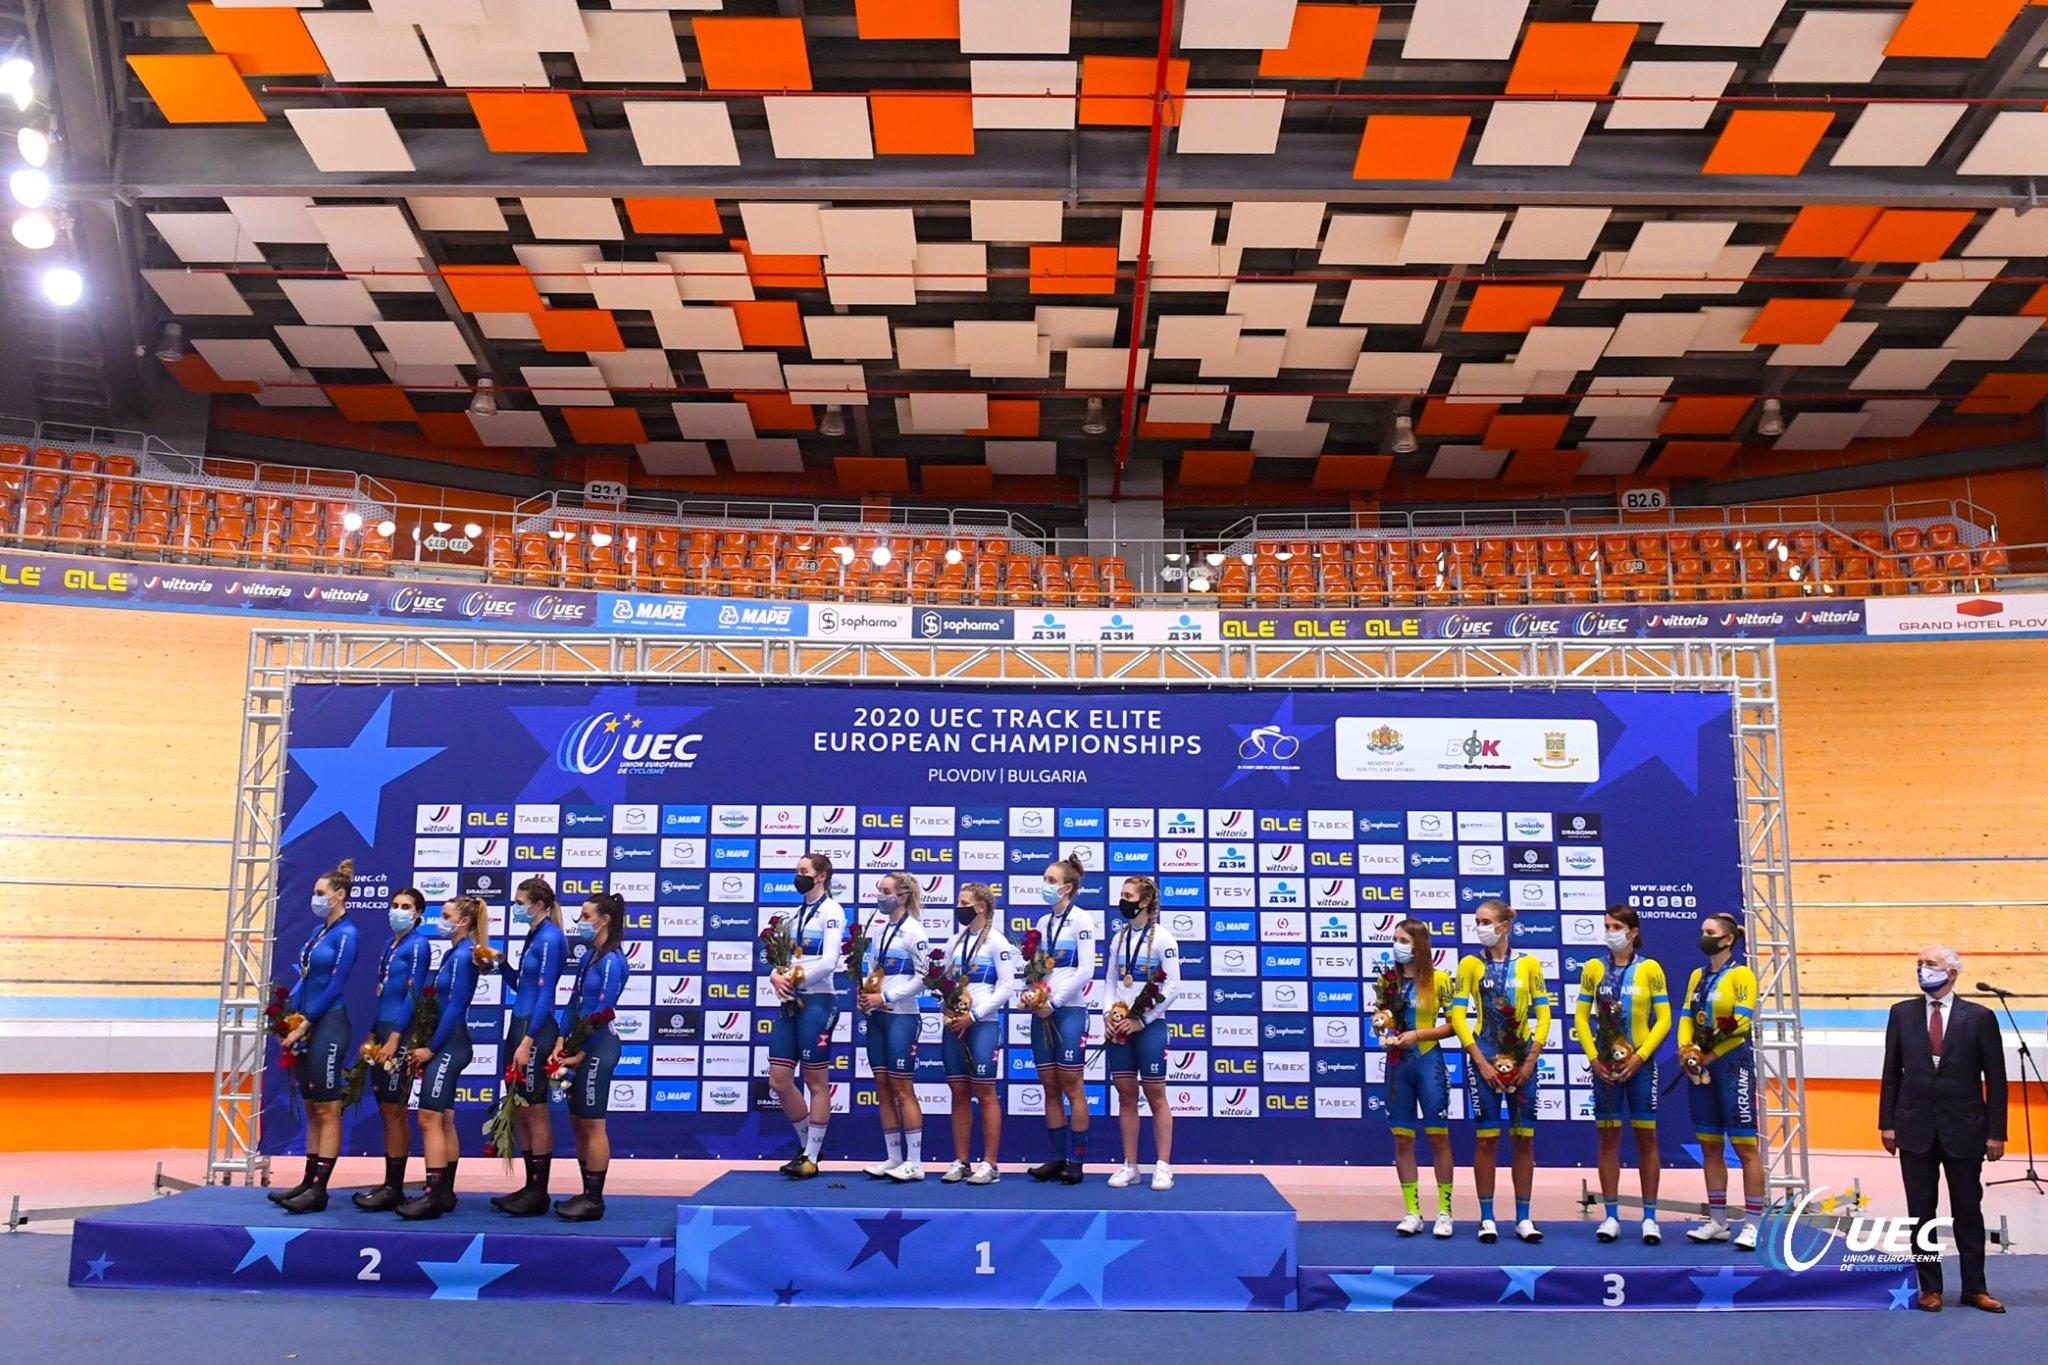 Il podio del Campionato Europeo Inseguimento a squadre Donne Elite di Plovdiv (foto UEC/BettiniPhoto)